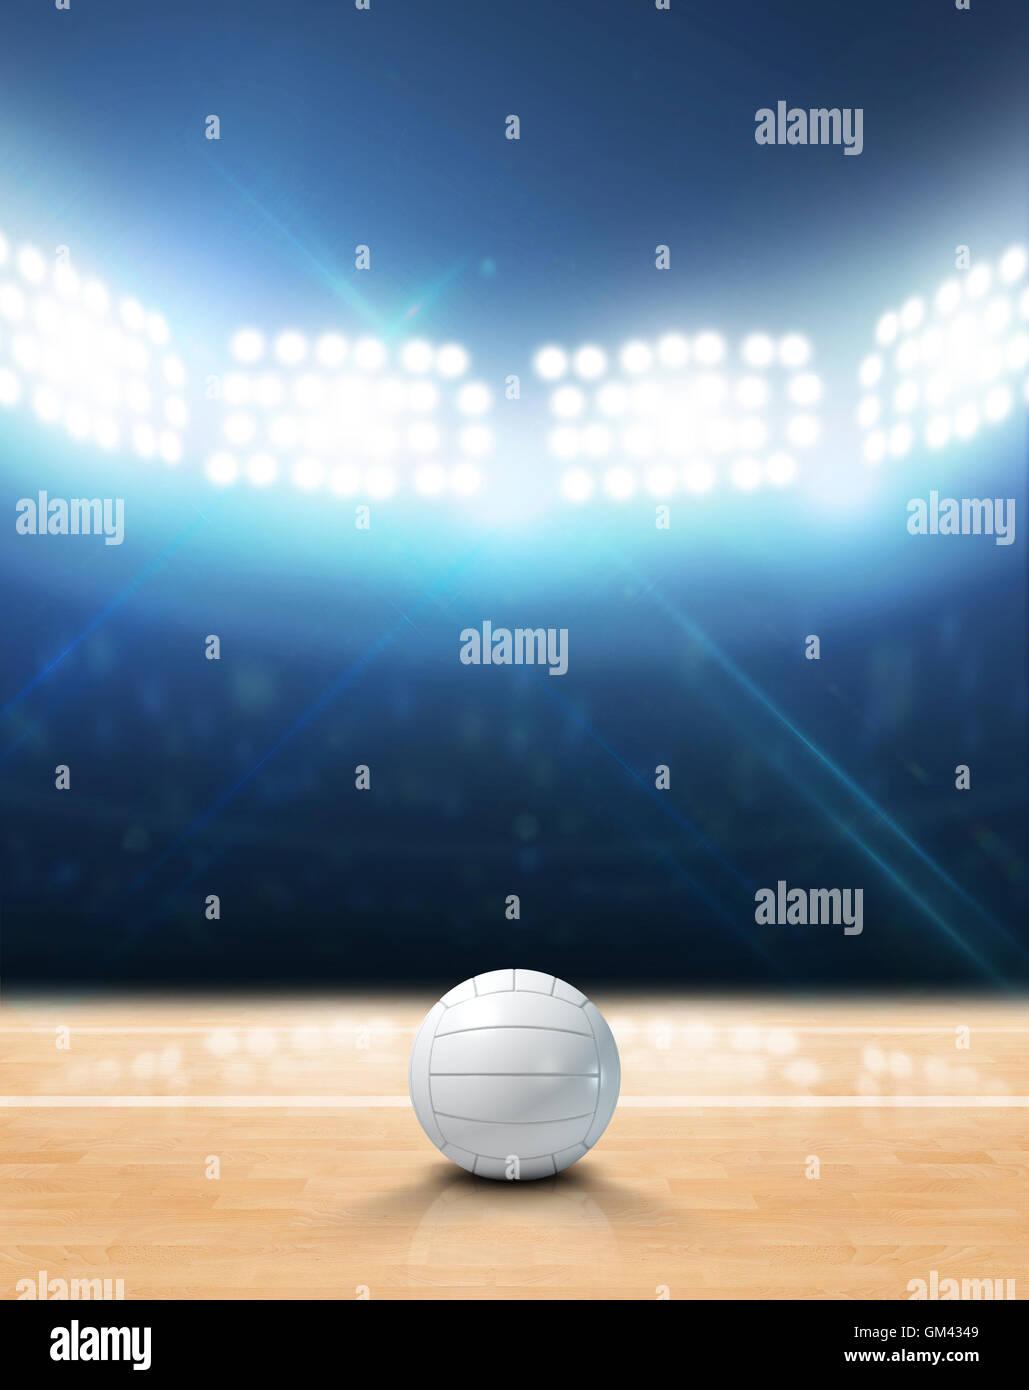 Indoor Volleyball Court Stock Photos & Indoor Volleyball Court Stock ...